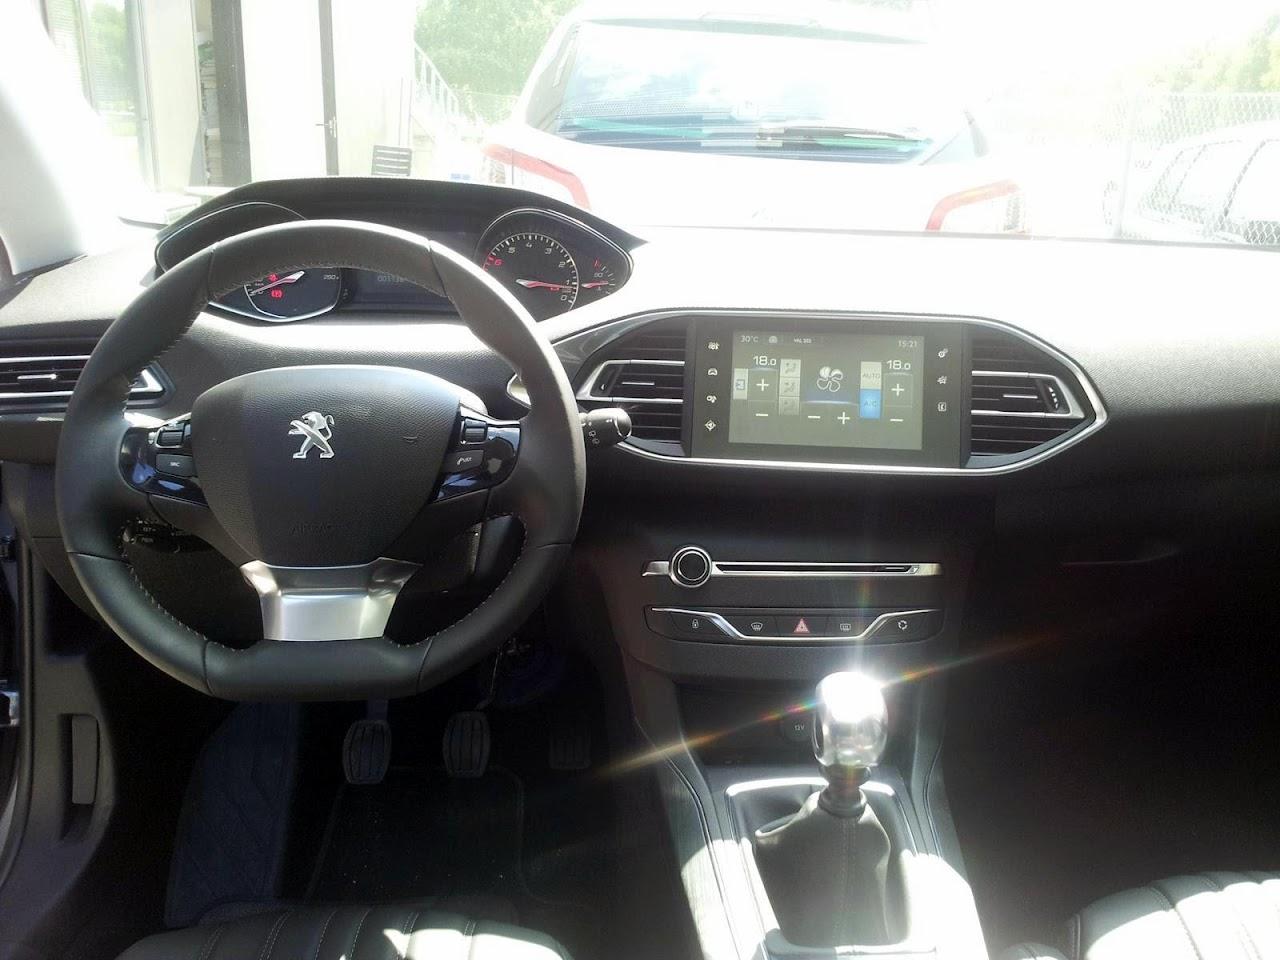 2014-Peugeot-308-ic-mekan-2.jpg